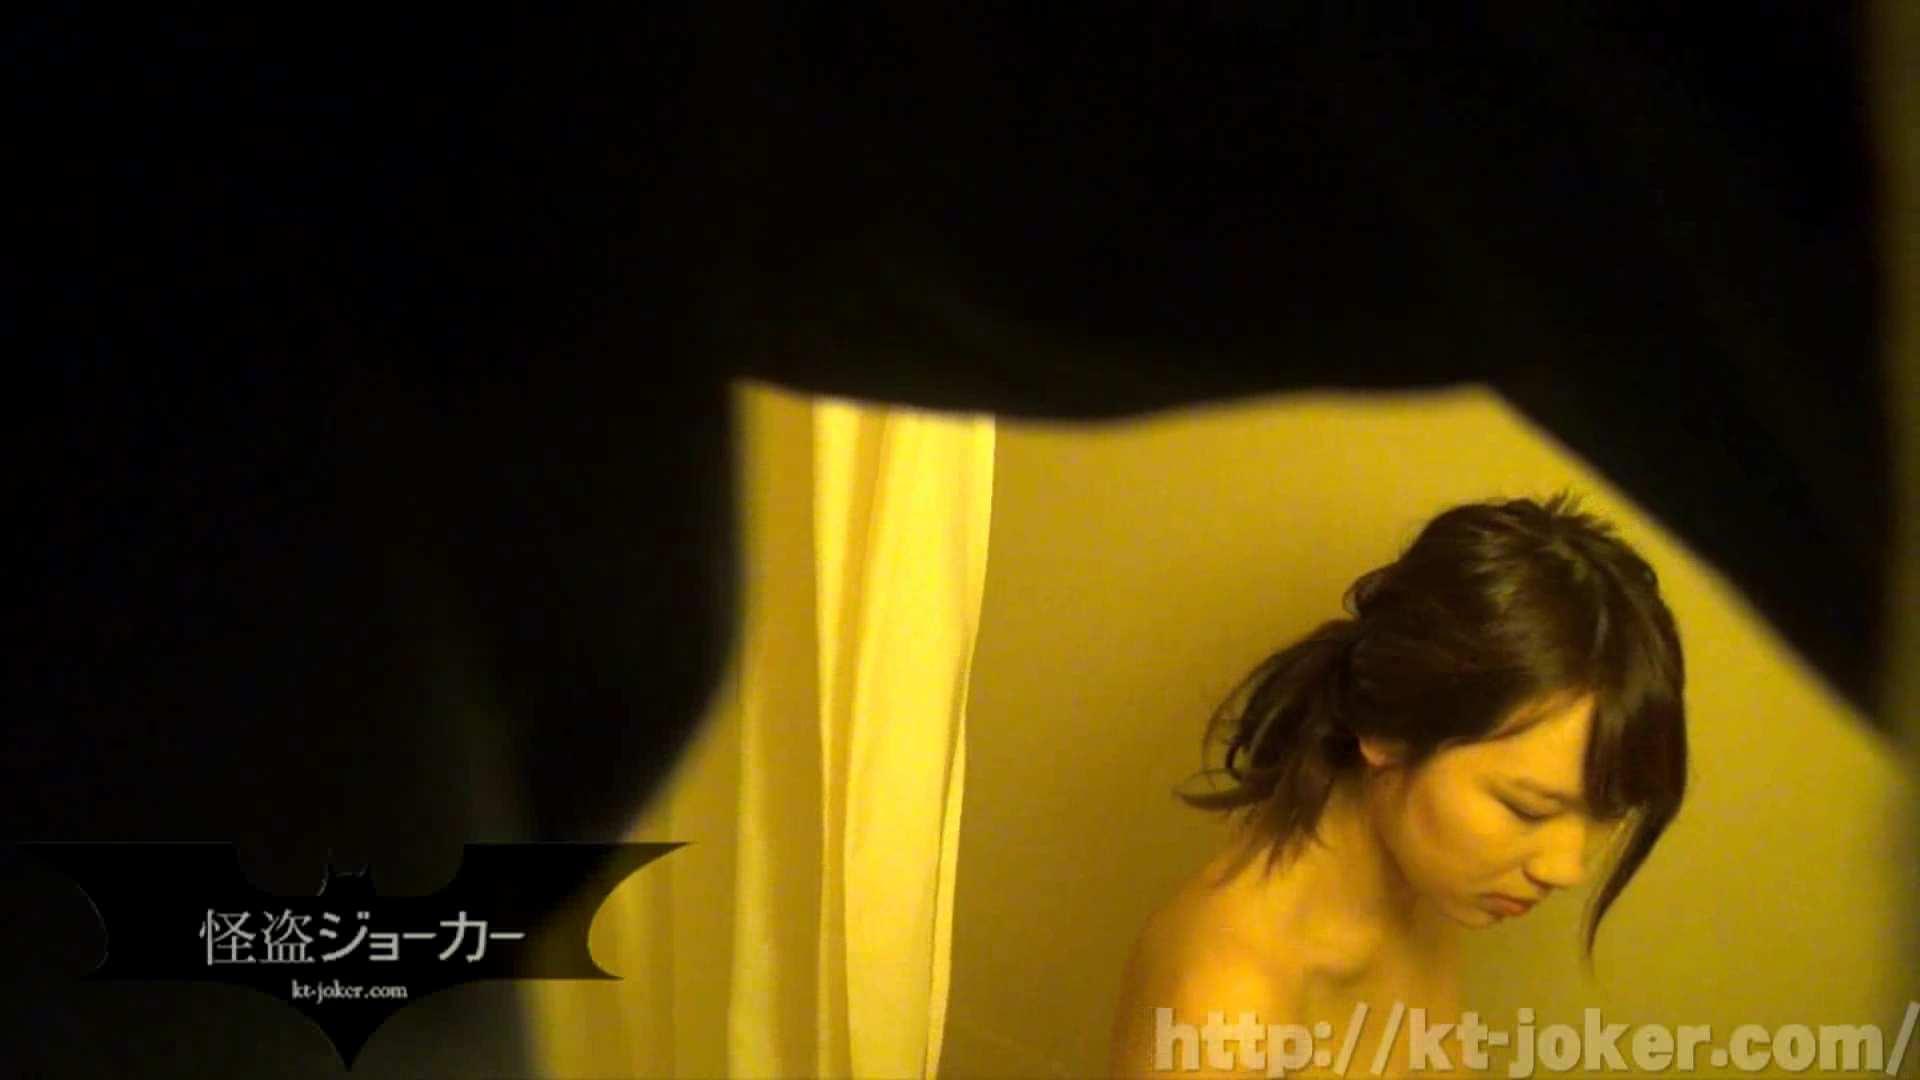 イ・タ・ズ・ラ劇場 Vol.01 ギガ乳  94pic 33